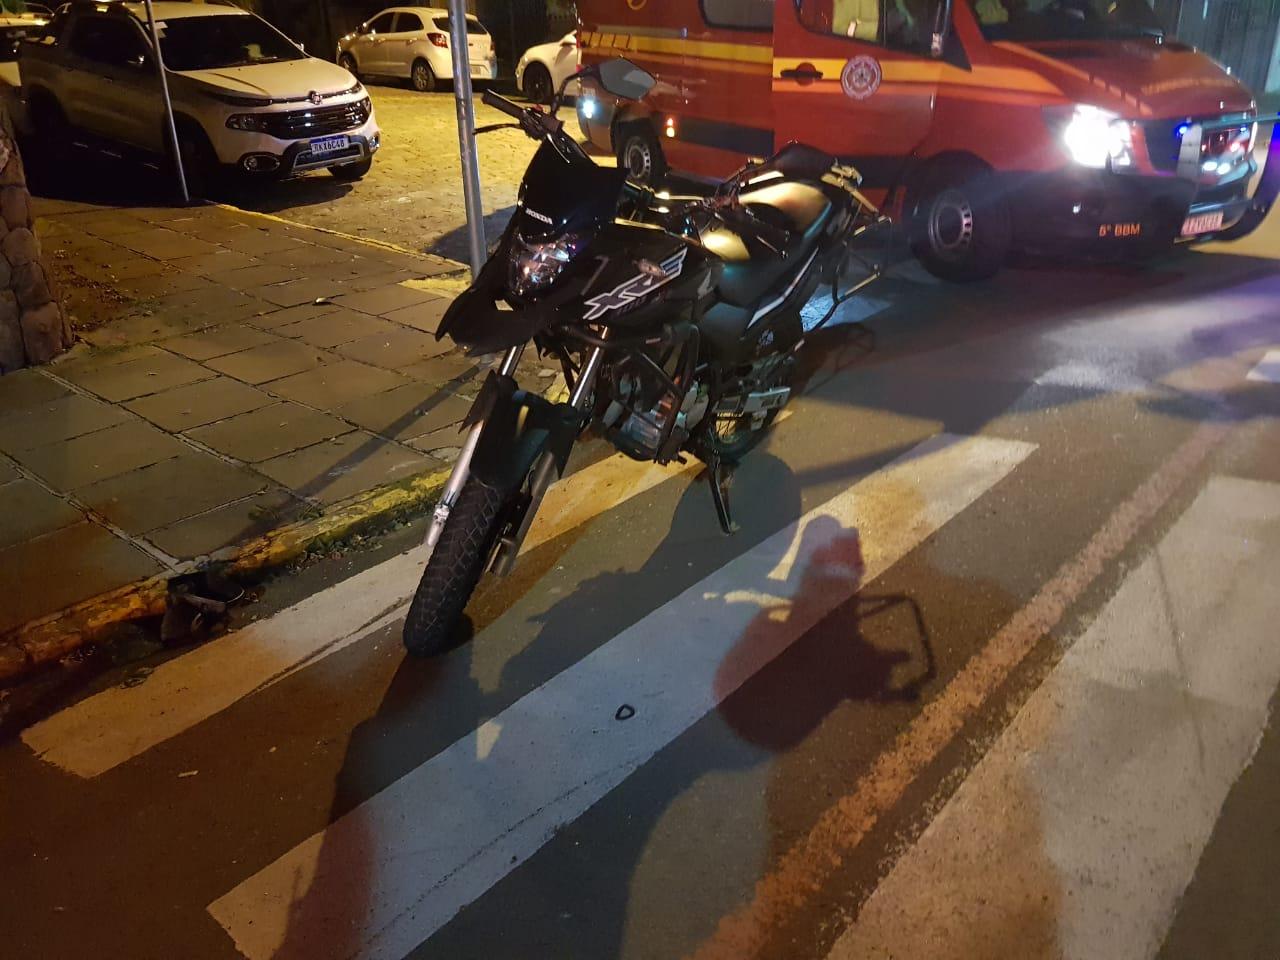 Motociclista fica ferido em acidente em Bento